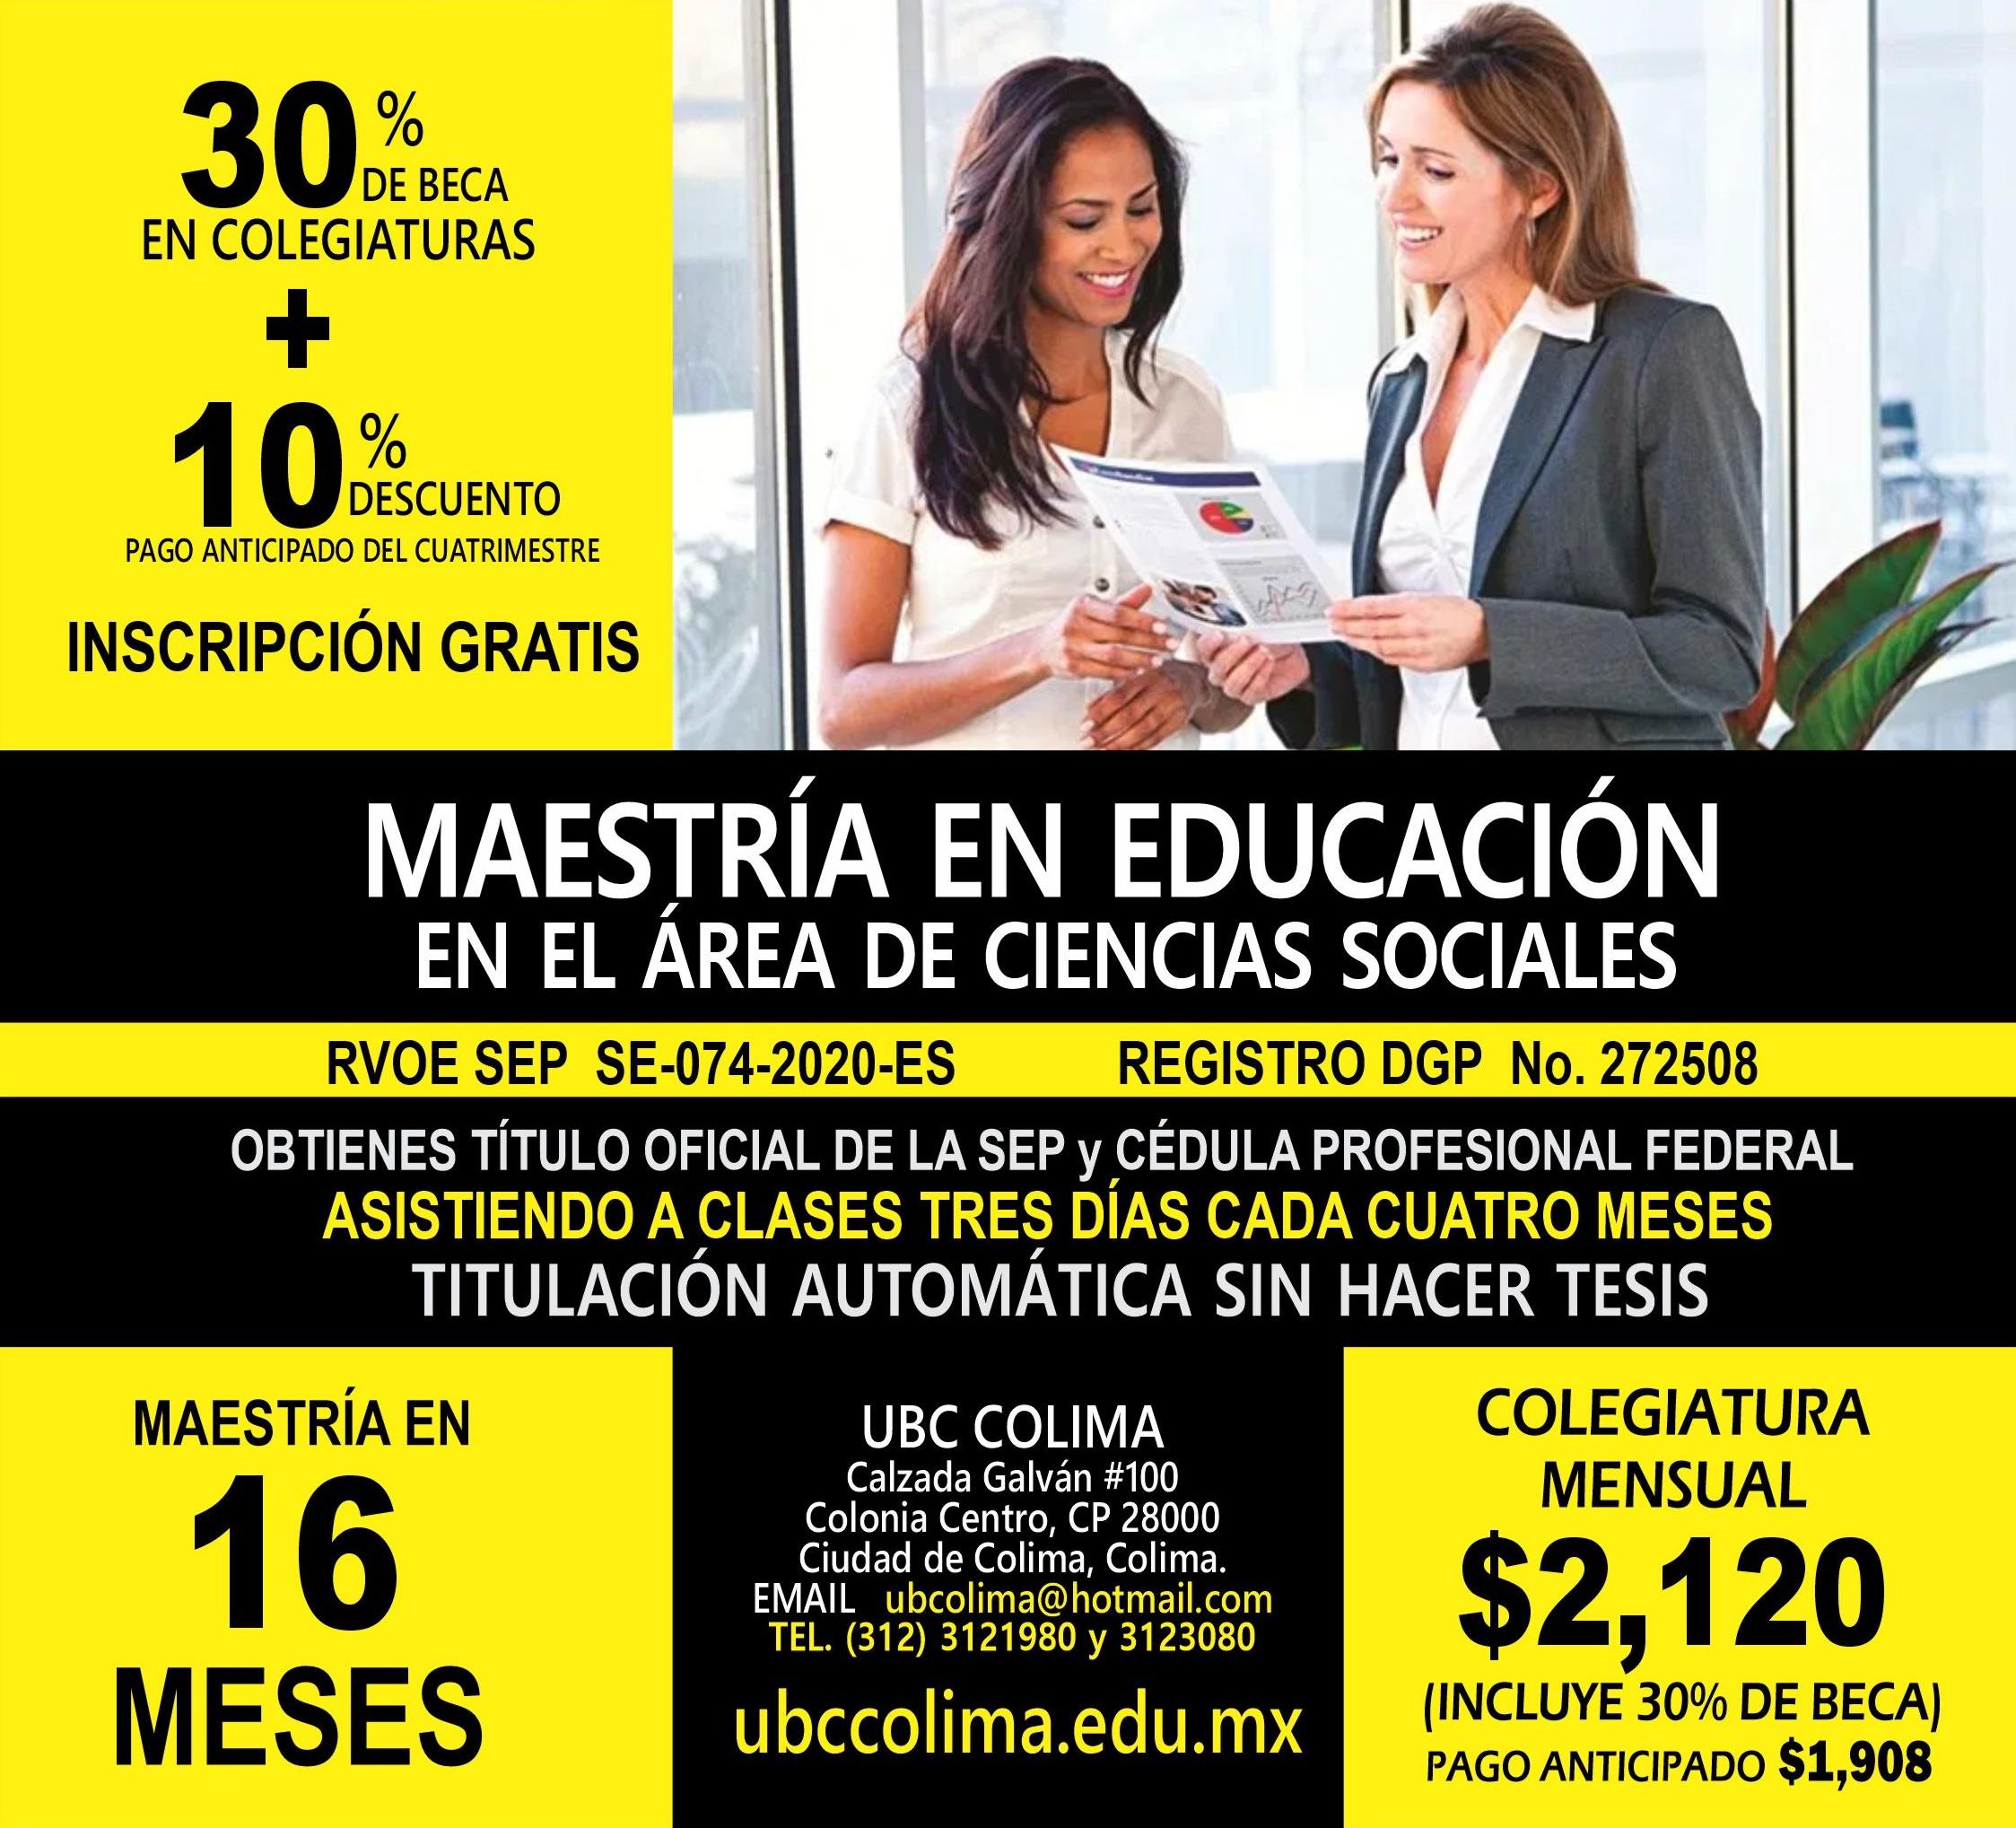 RVOE oficial: Maestría en Educación en el Área de Ciencias Sociales